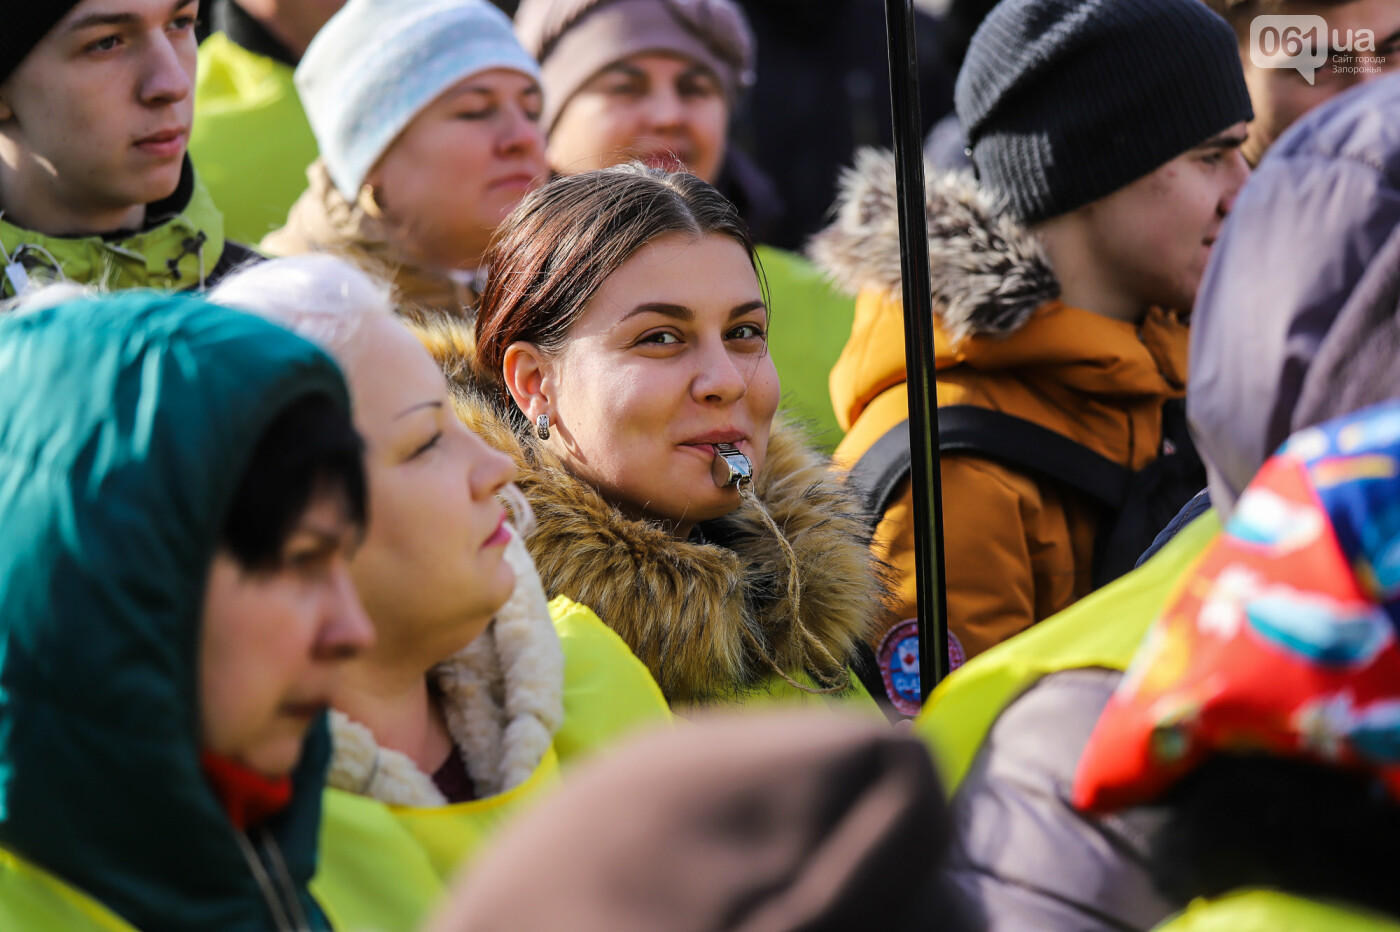 В Запорожье на протестную акцию профсоюзов «Волна гнева» вышло около 2000 человек, - ФОТОРЕПОРТАЖ, фото-23